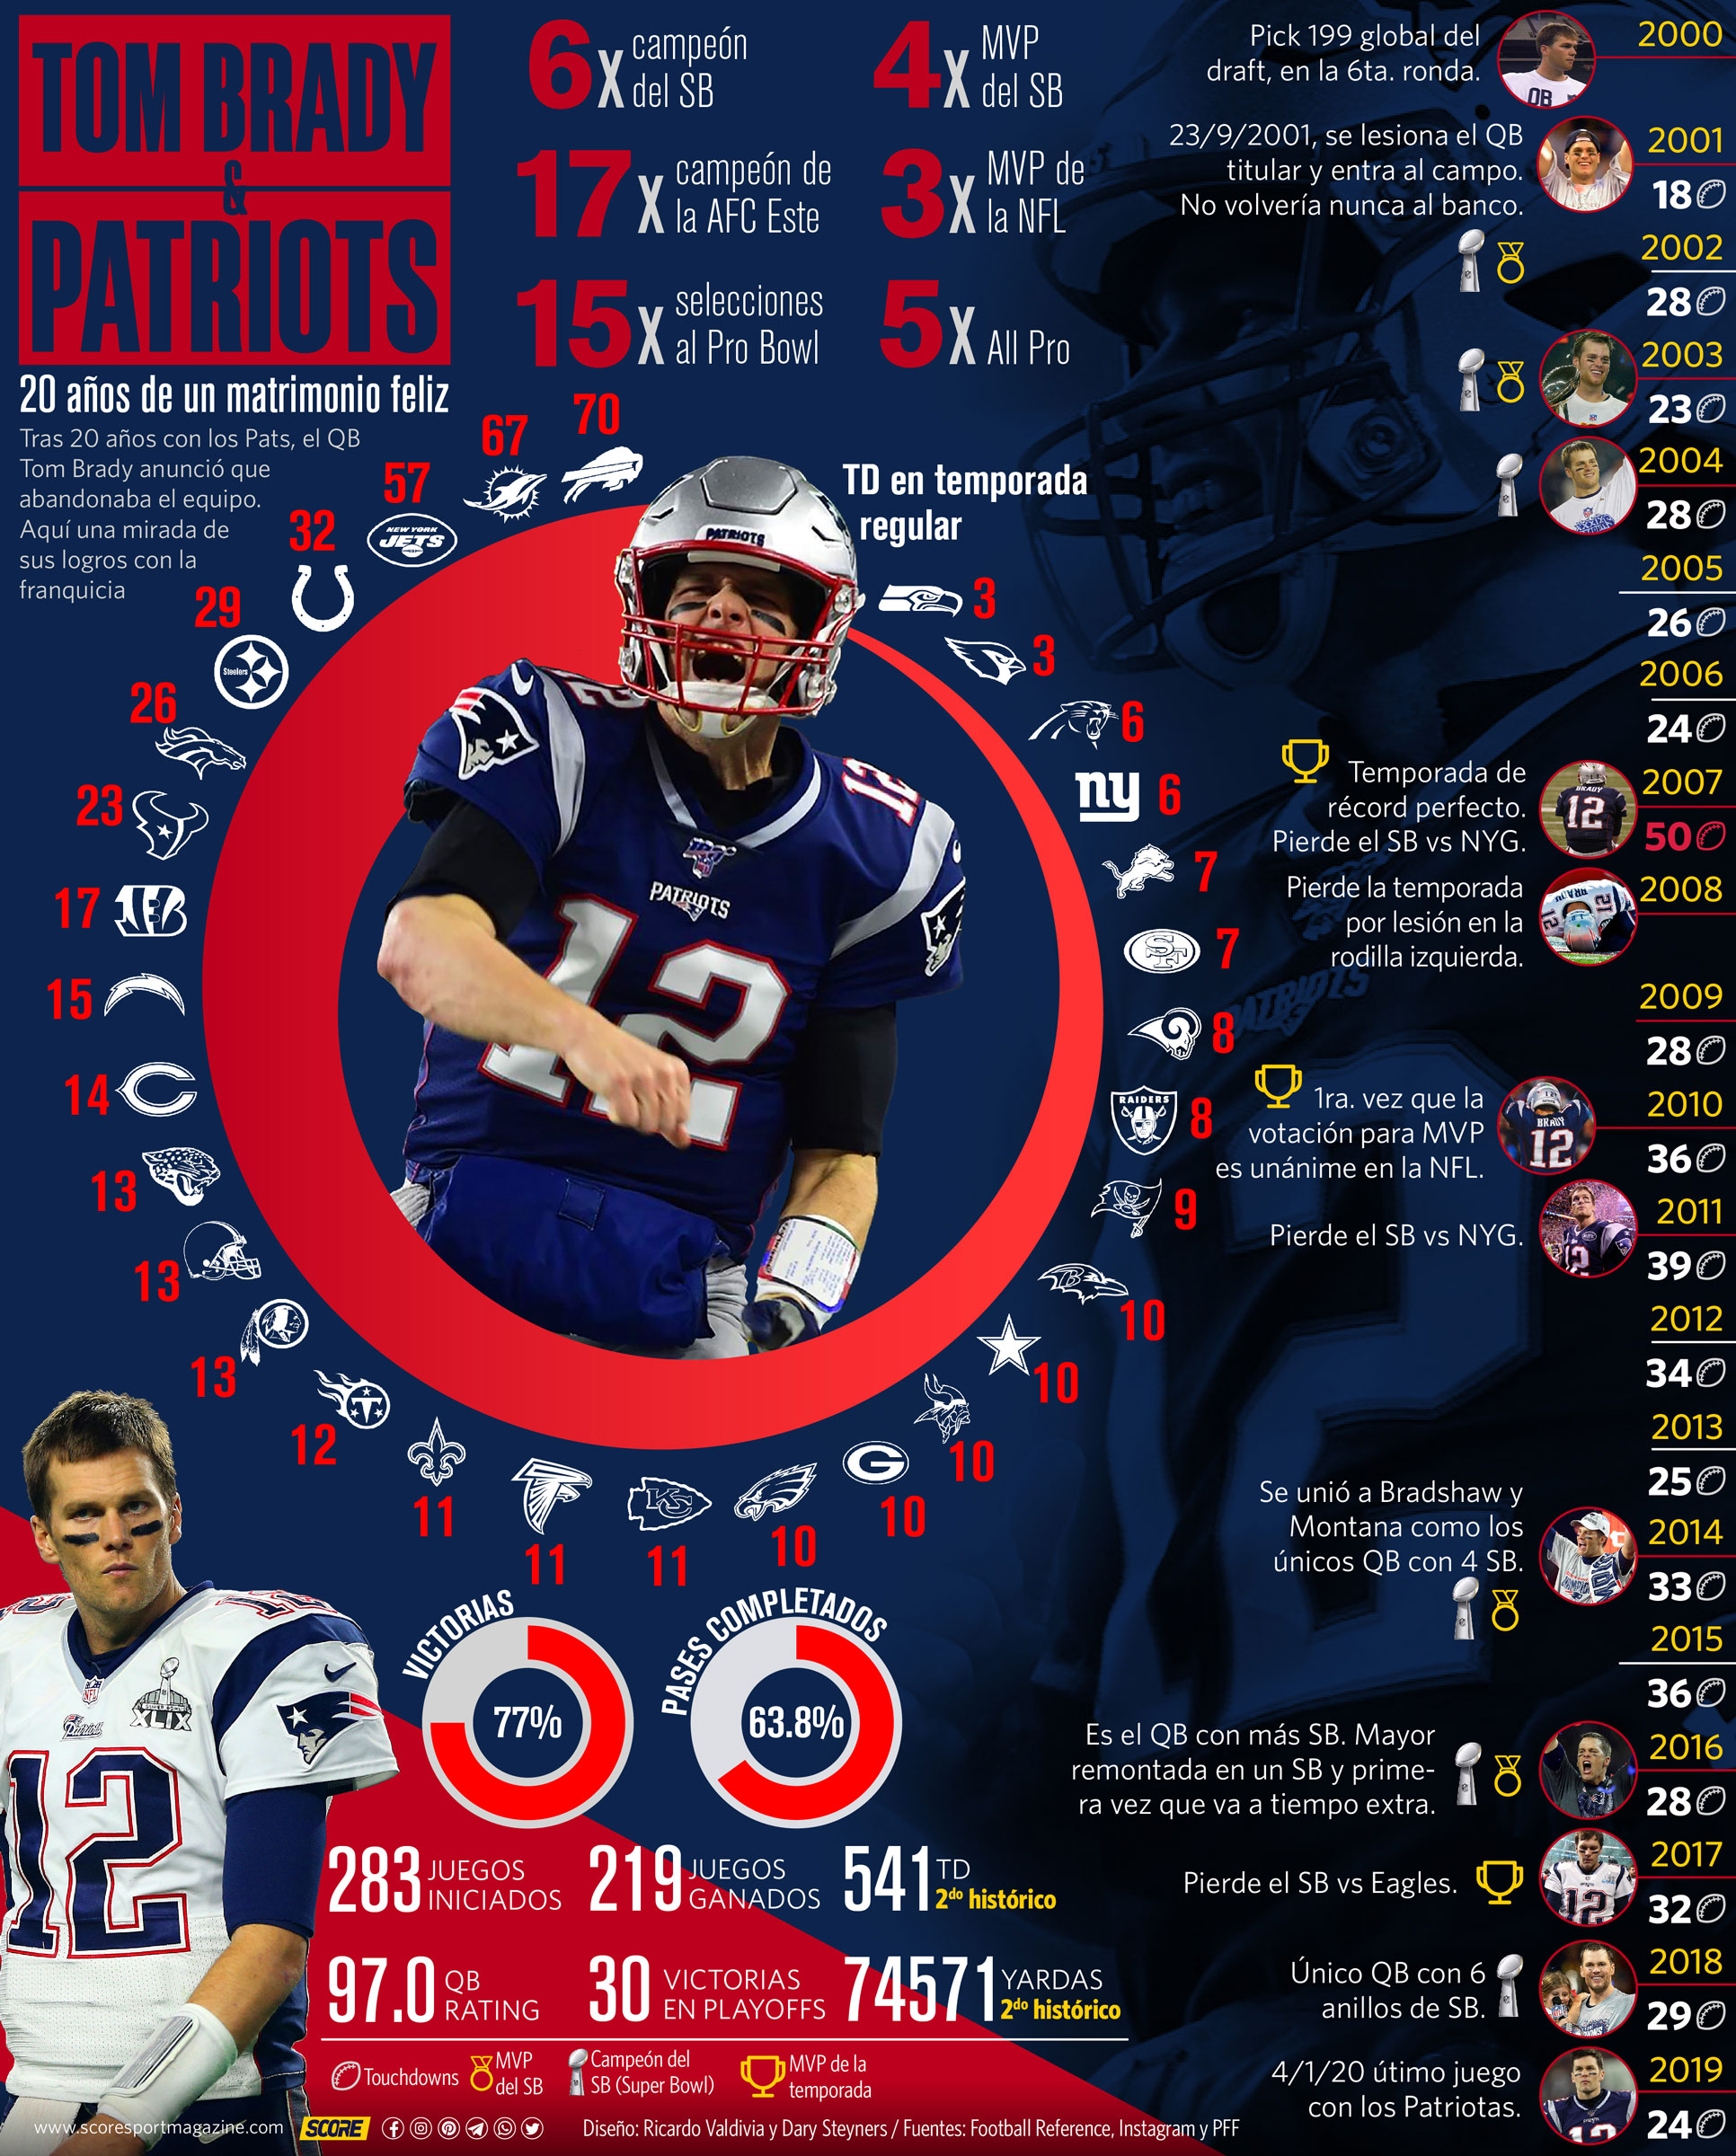 Tom Brady y los Pats, infografía de sus logros con los New England Patriots